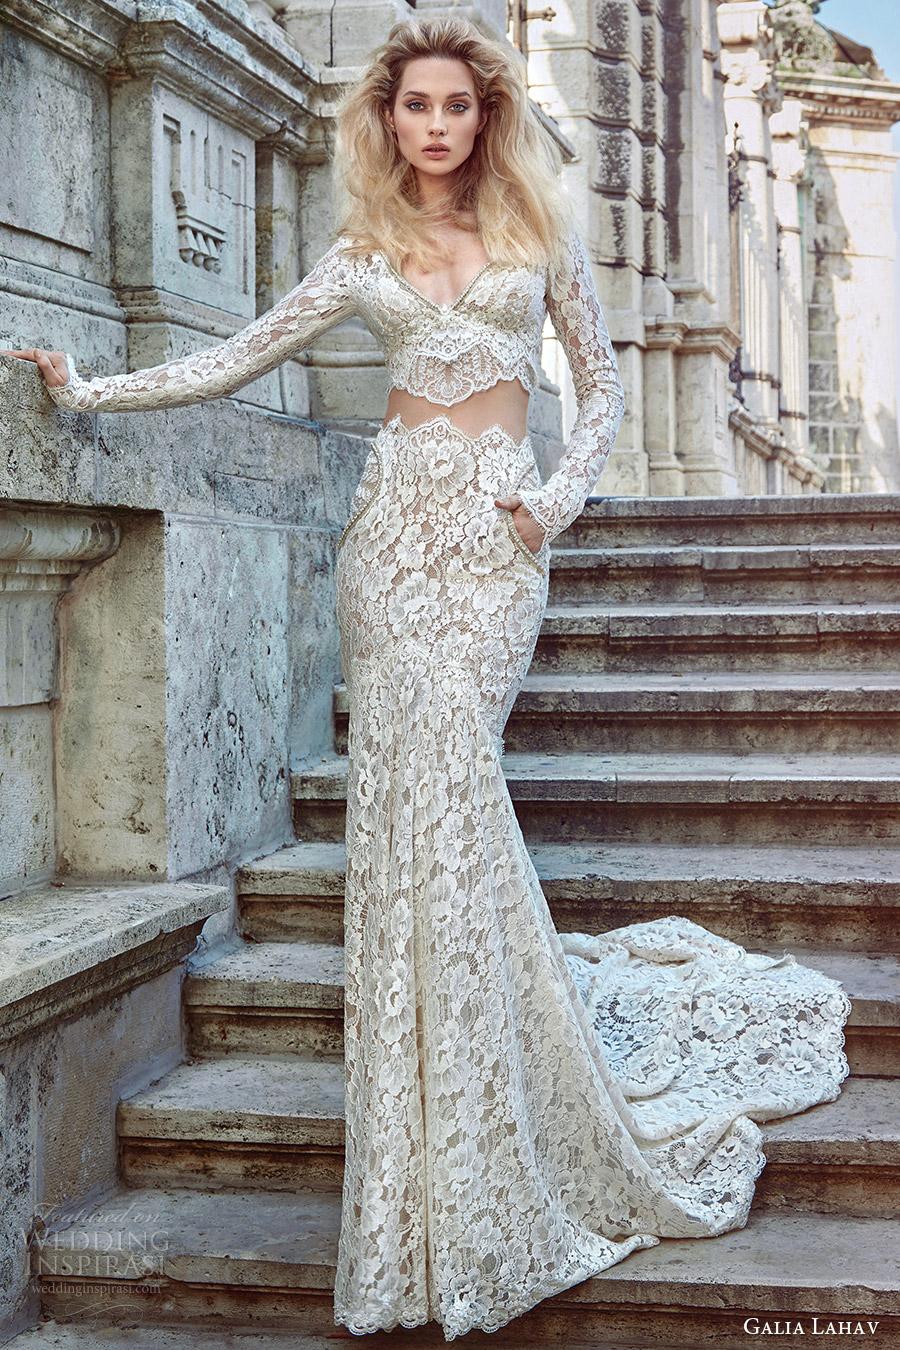 Victorian Gothic Wedding Dresses 92 Vintage galia lahav fall bridal